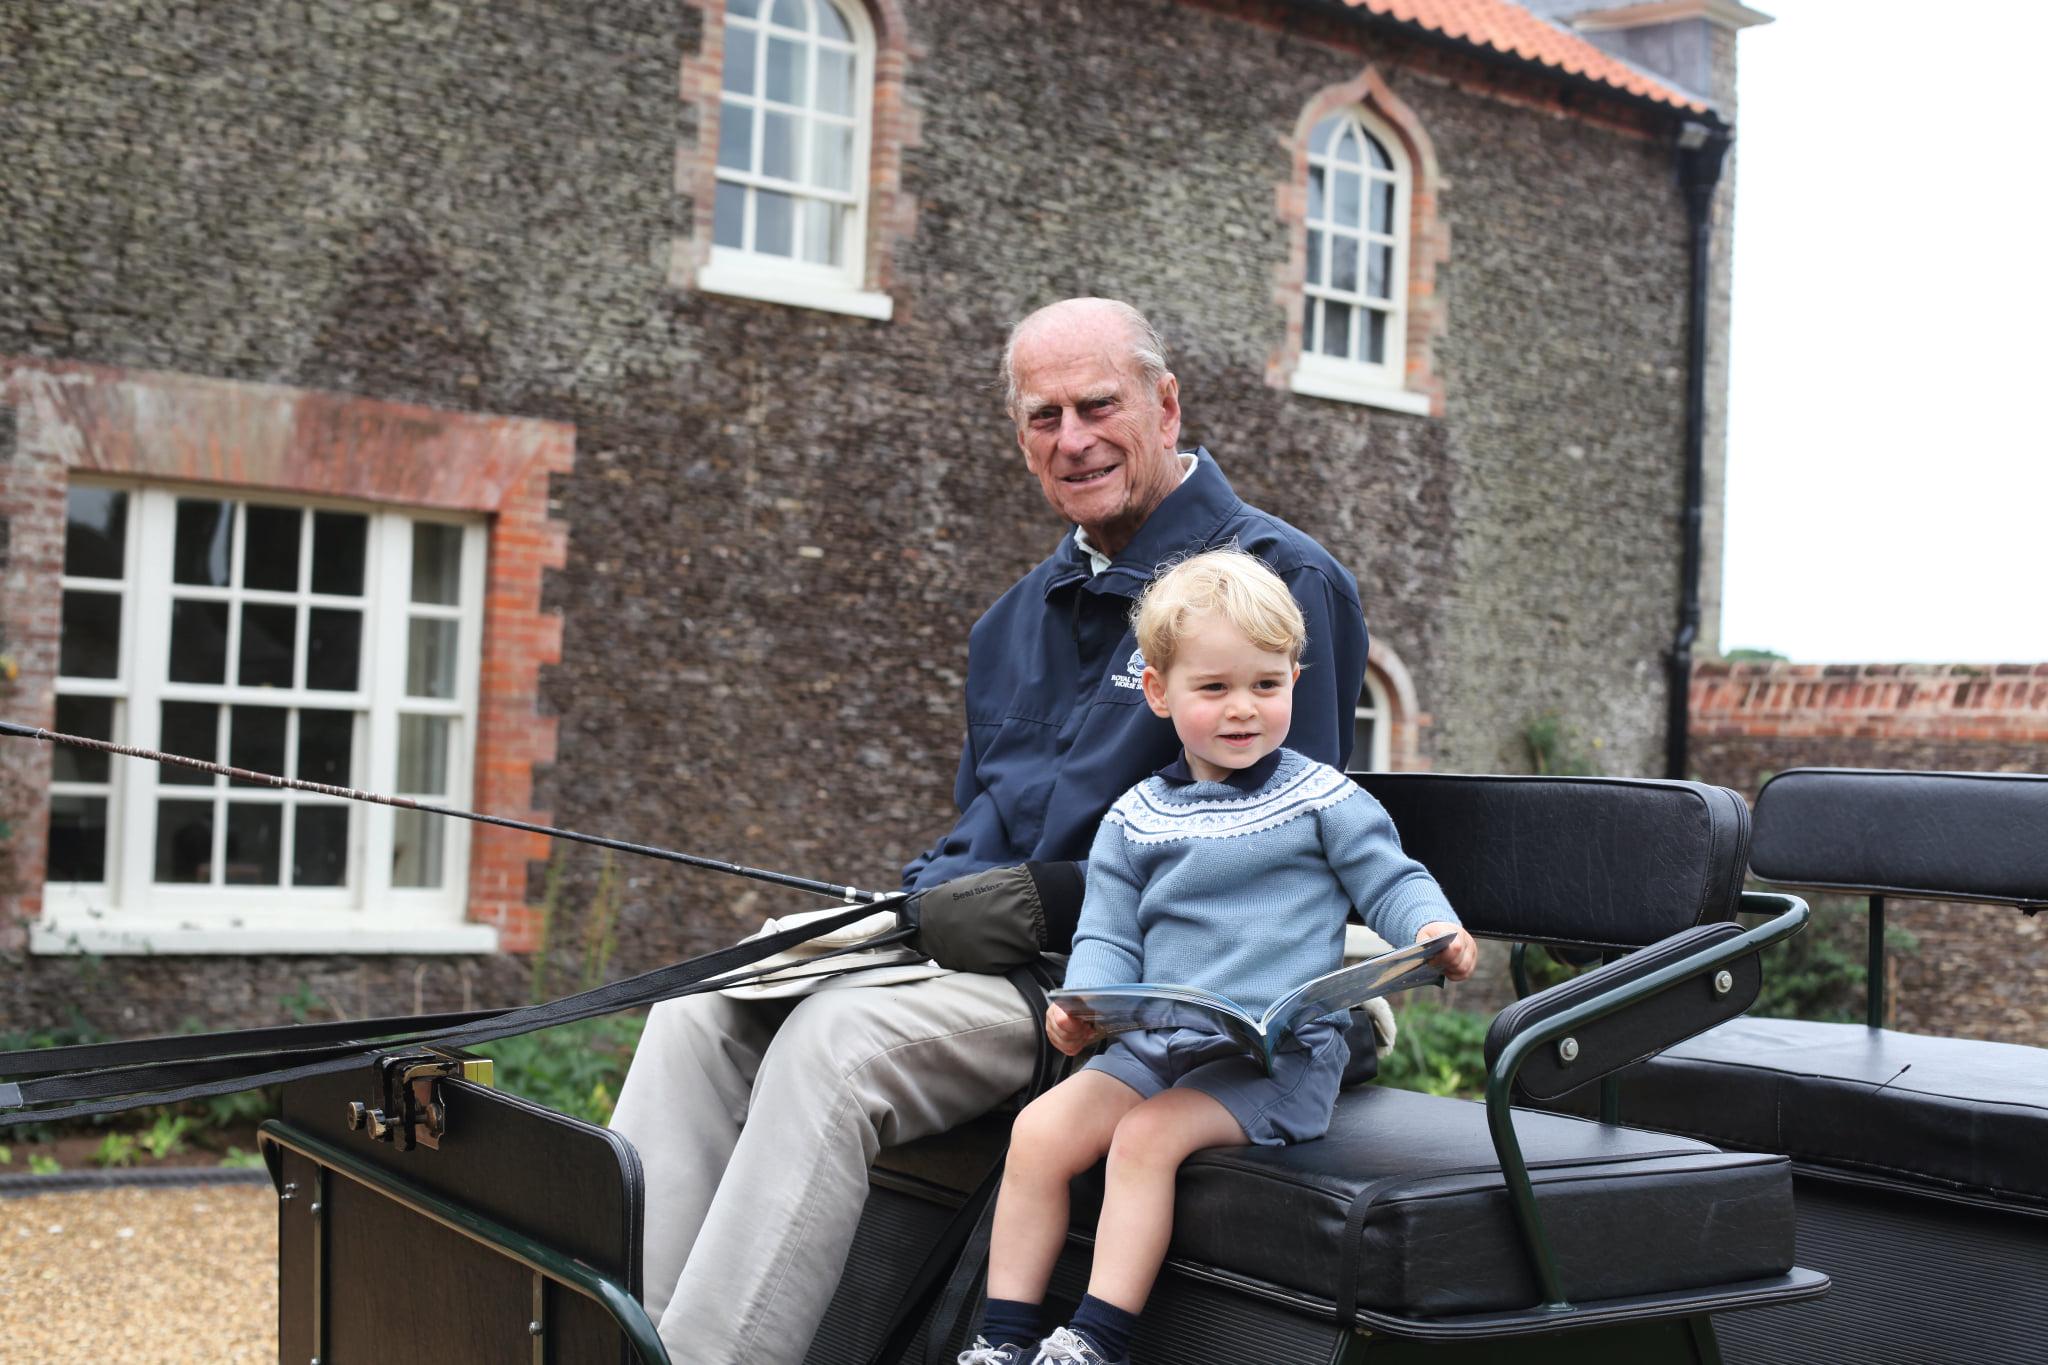 Mesajele emoționate ale Prinților Harry și William despre bunicul lor, Prințul Philip